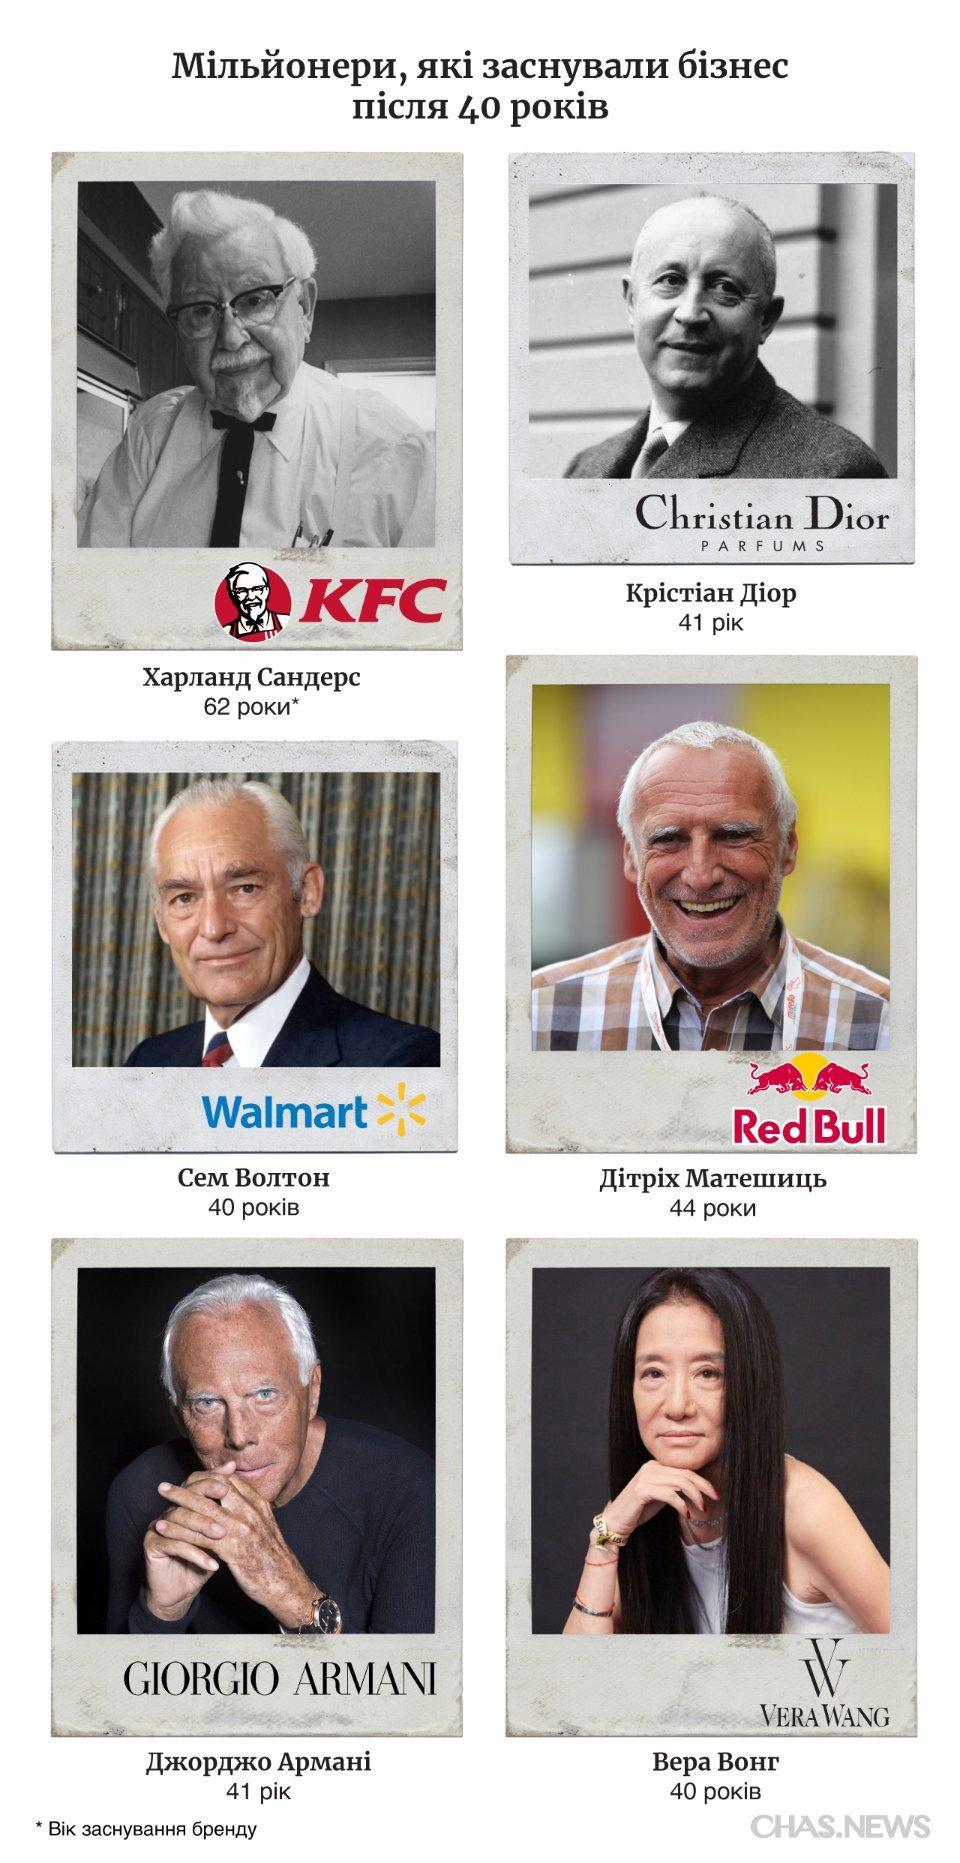 Миллионеры, которые основали бизнес после 40 лет